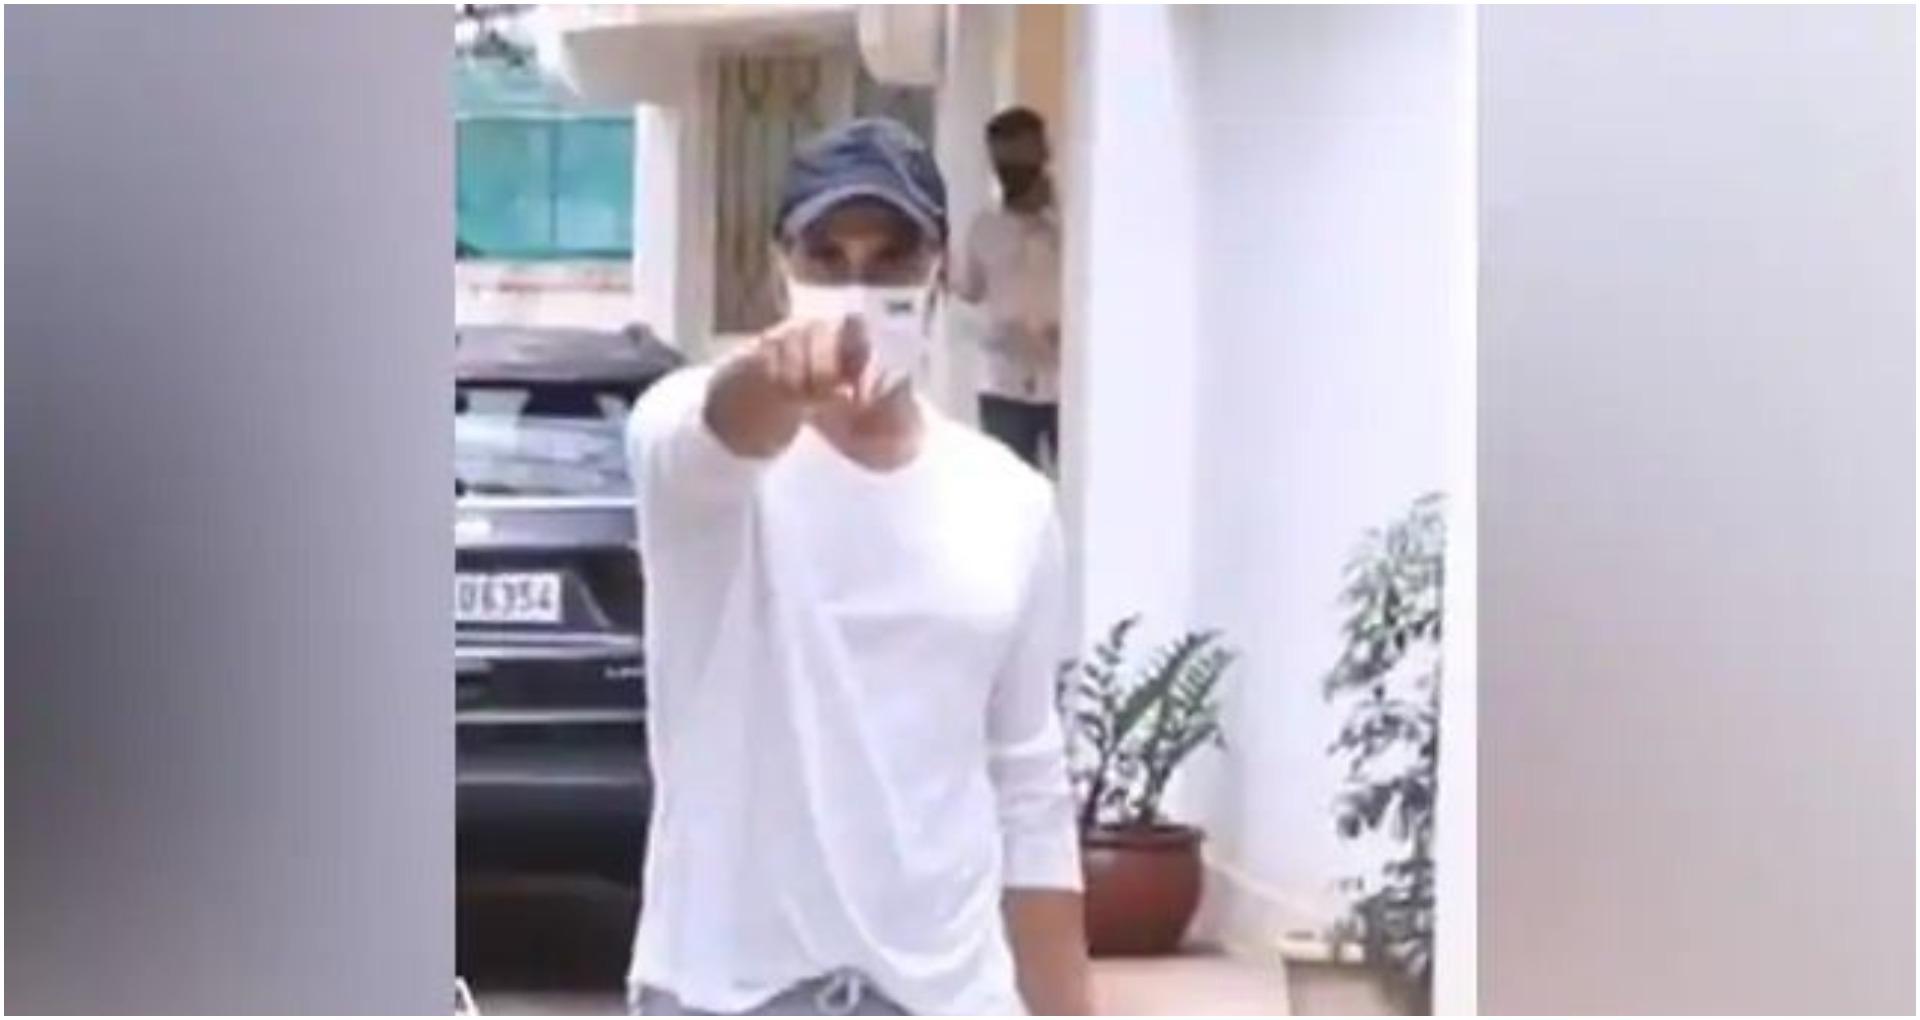 फोटोग्राफर्स के मुंह से हट गया मास्क तो भड़क गए अक्षय कुमार, कहा- नाक पे लगा… देखें Video